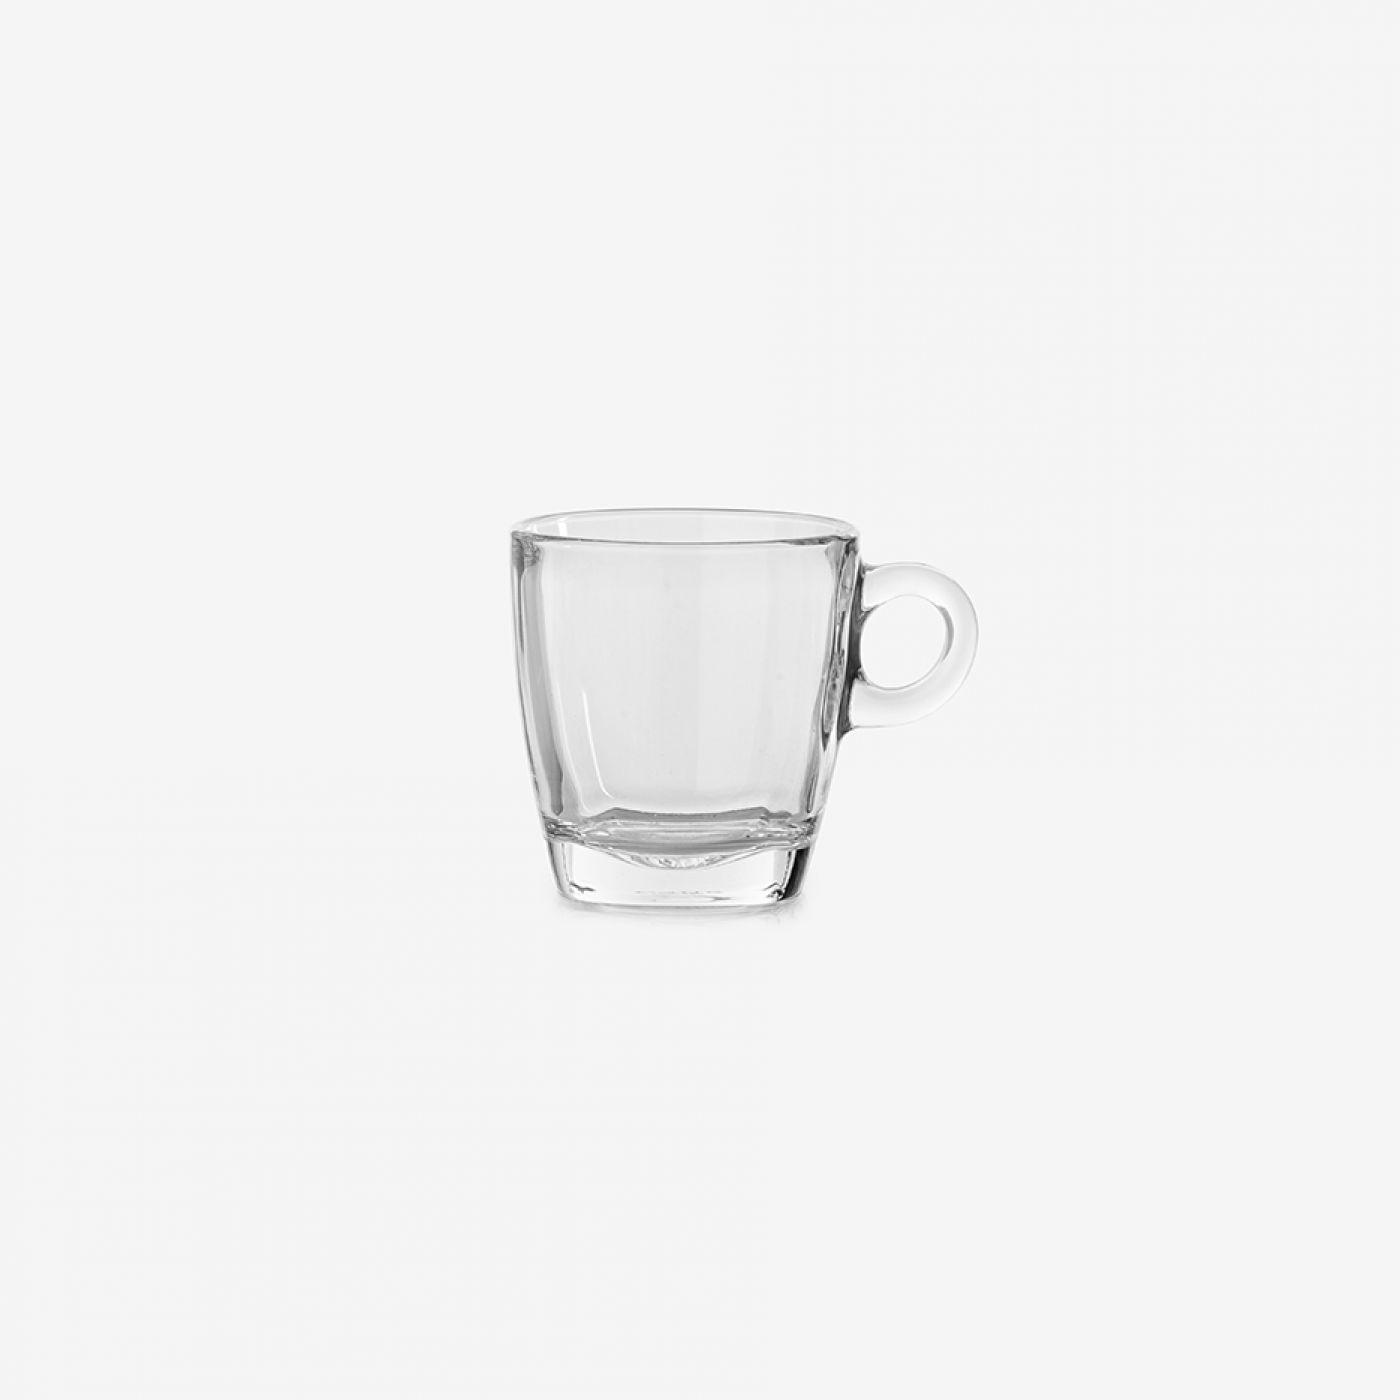 כוס זכוכית CAFFE